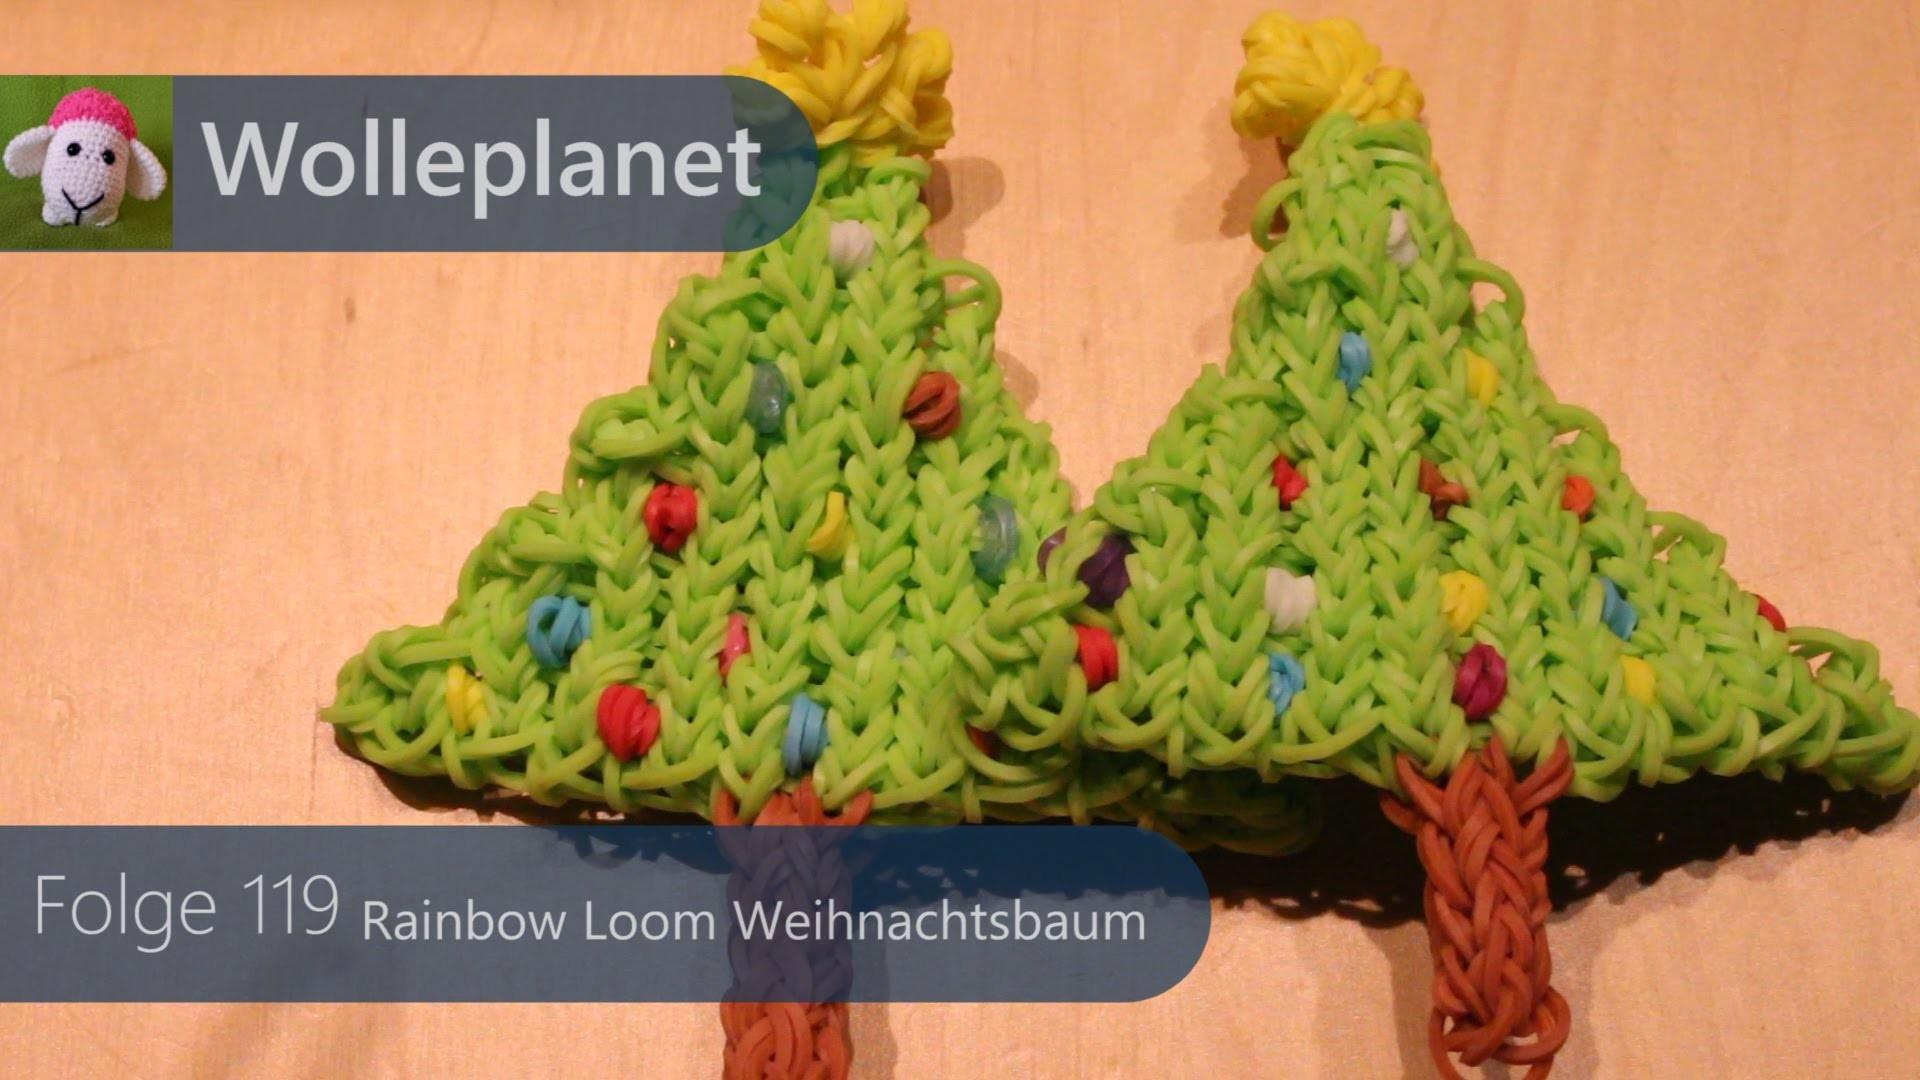 Rainbow Loom Weihnachtsbaum mit Loom